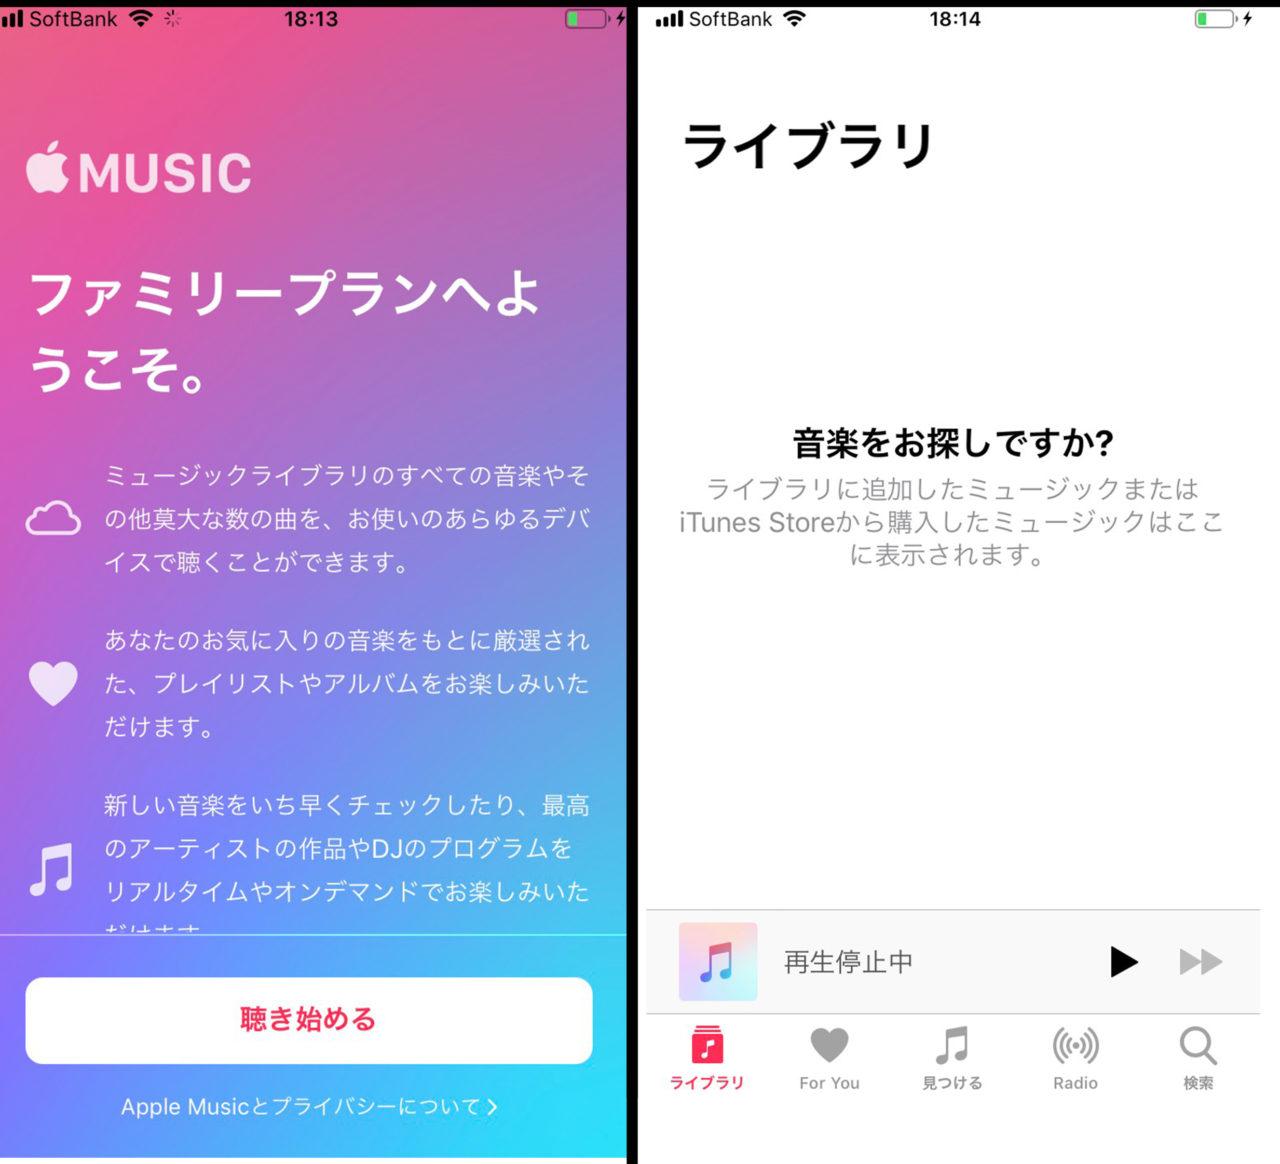 アップル ミュージック ファミリー 追加 ファミリー共有を設定する - Apple